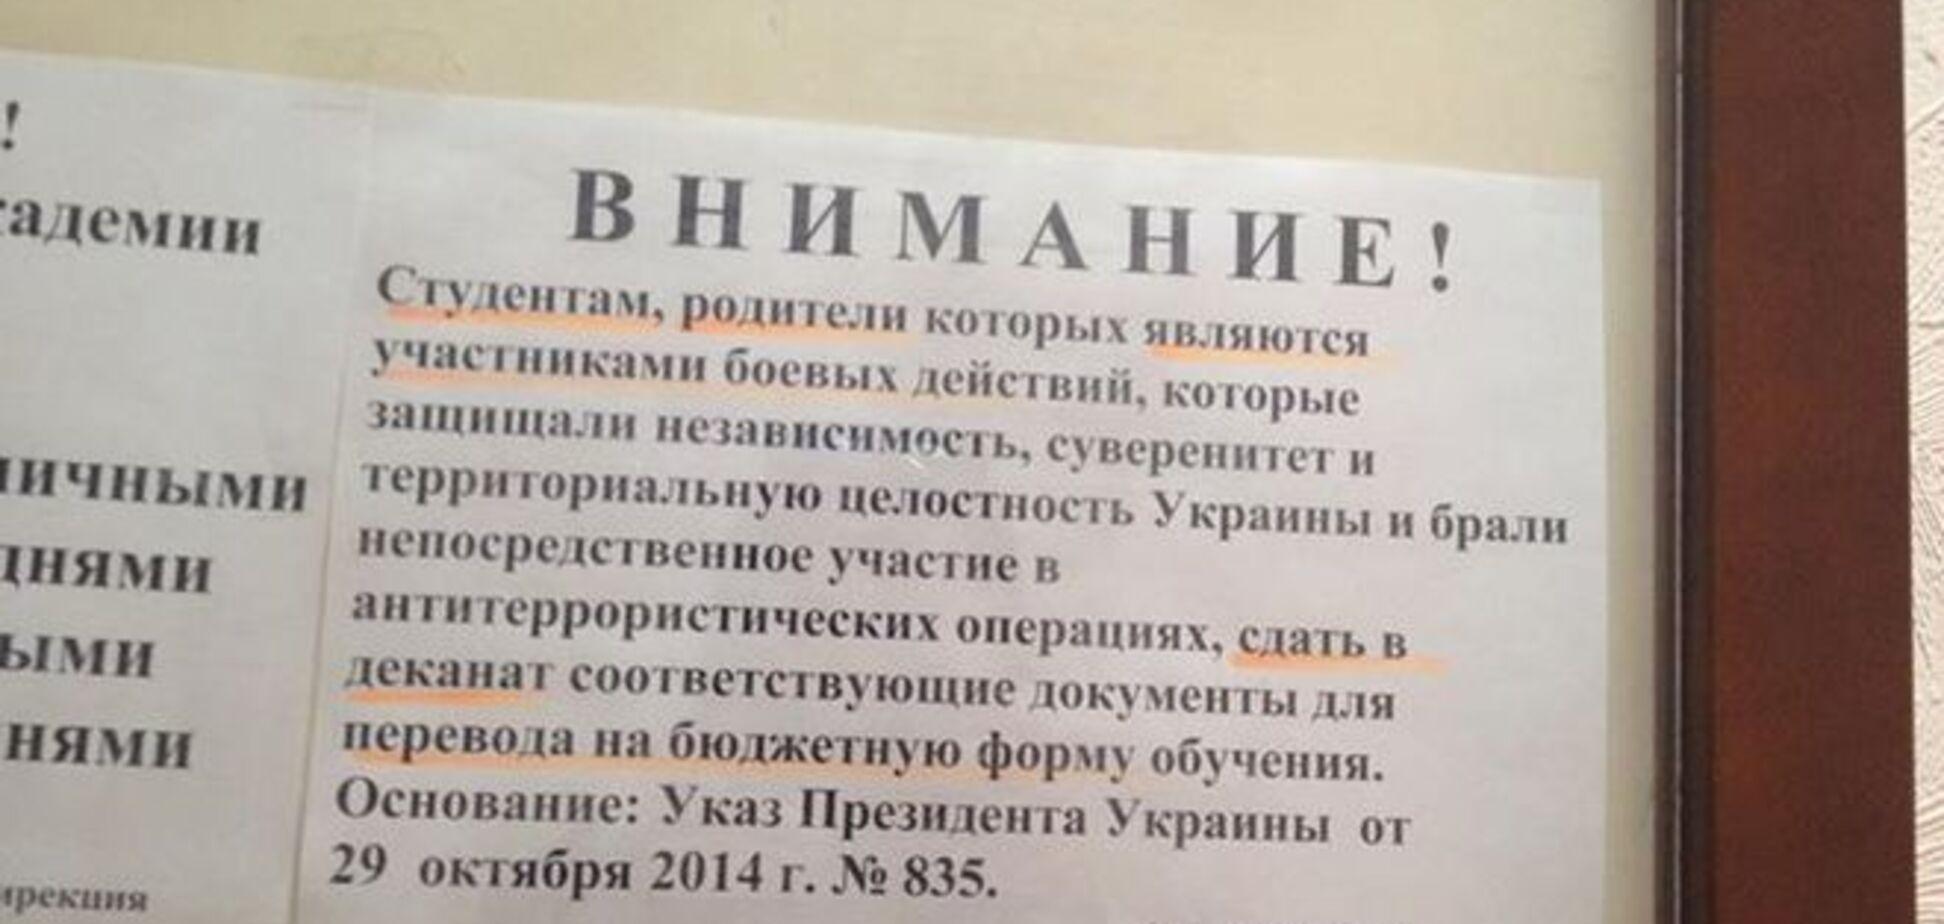 В одному з вузів України дітей учасників АТО почали переводити на 'бюджет': фотофакт